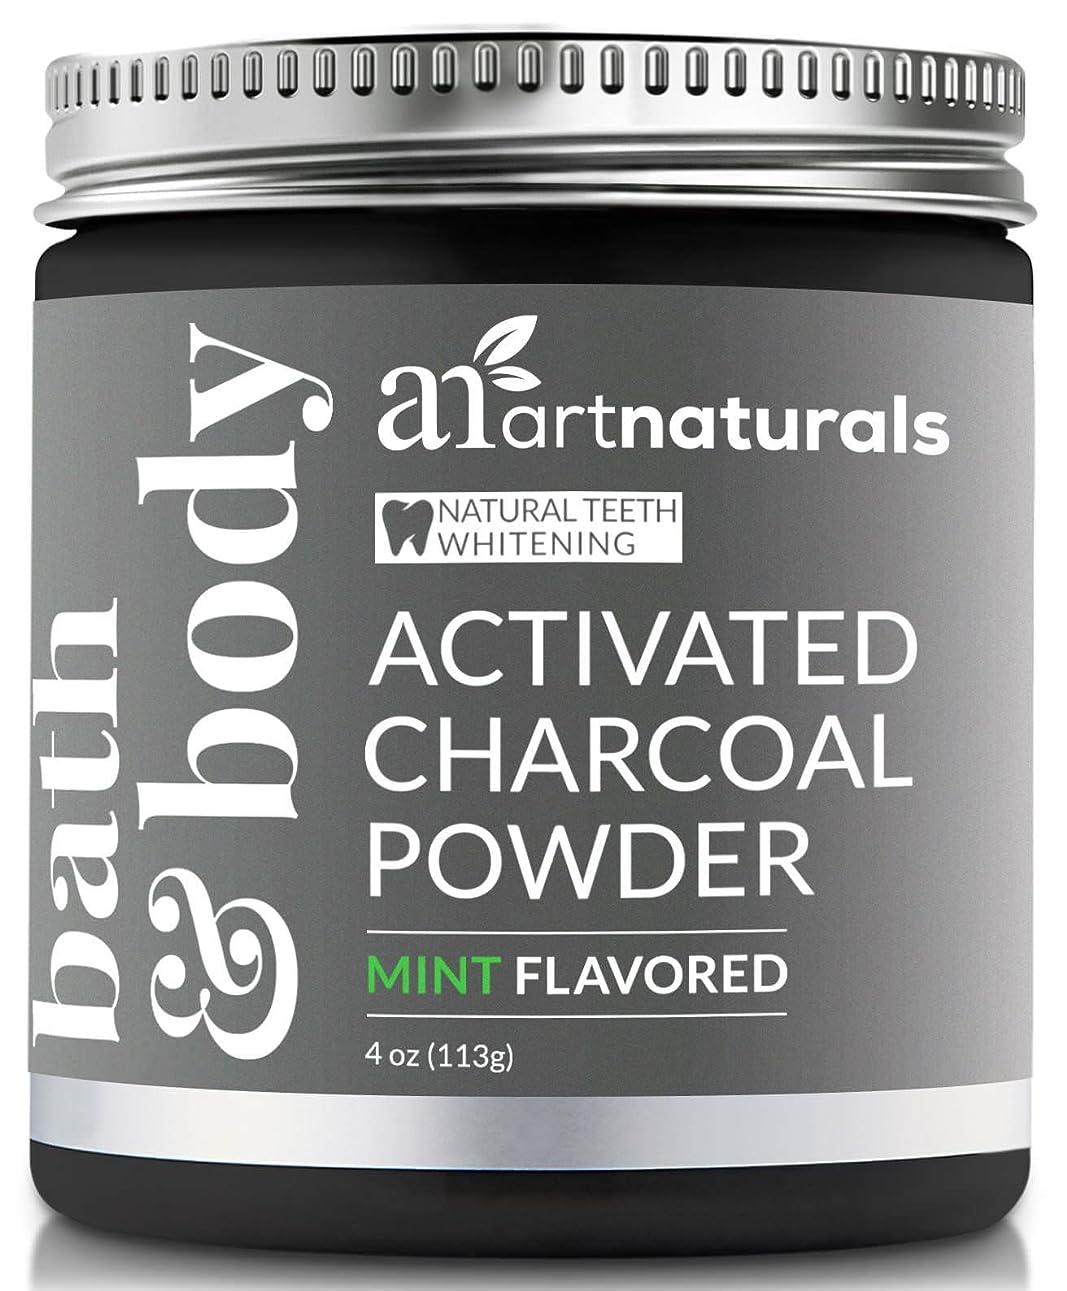 グリップ上向きピンチArtNaturals Teeth Whitening Charcoal Powder - (4 Oz / 113g) - Activated Charcoal for a Natural, Non-Abrassive Whitening - Mint Flavored